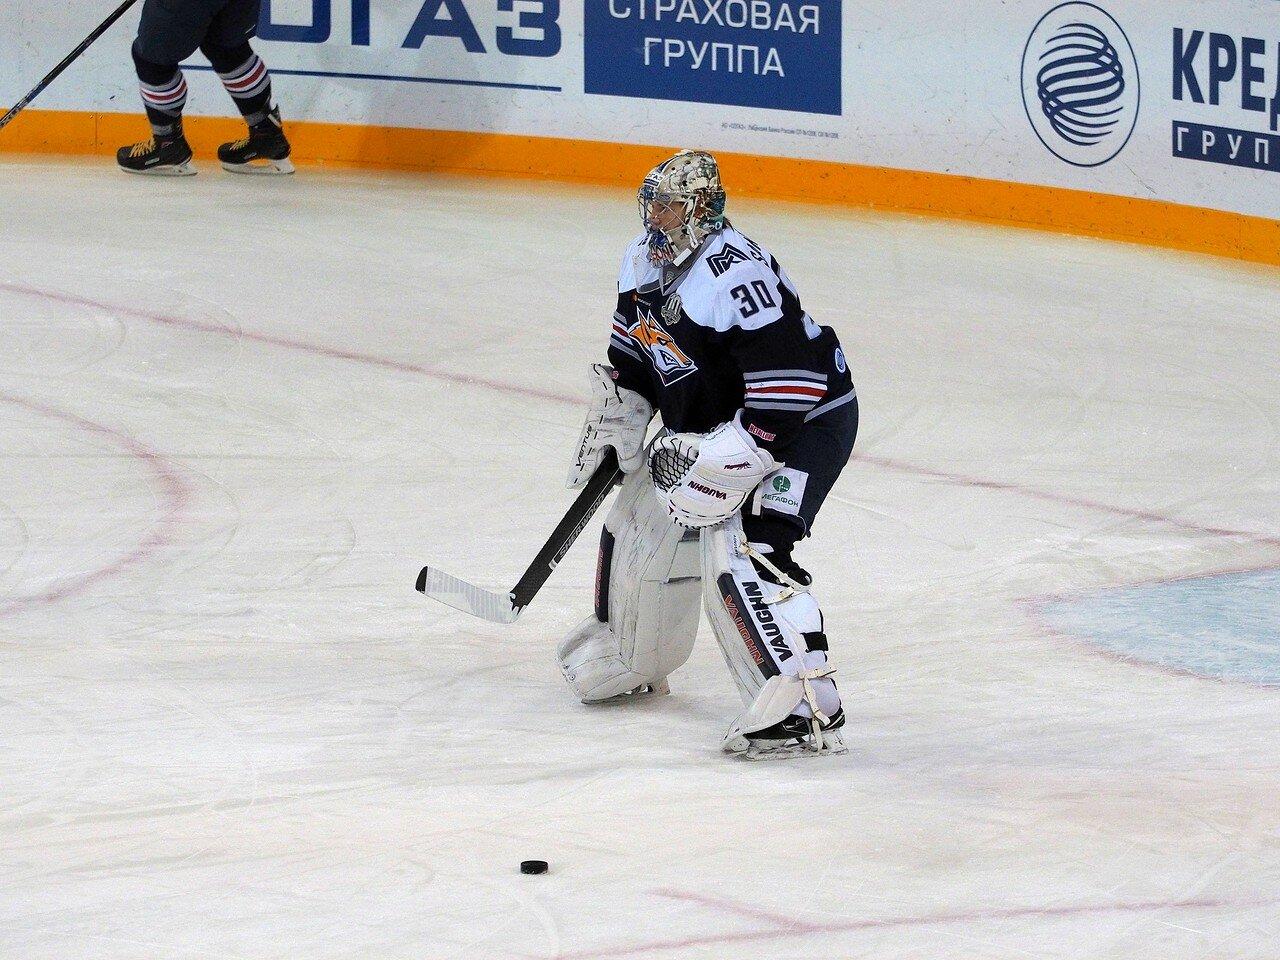 42 Металлург - Салават Юлаев 23.09.2017